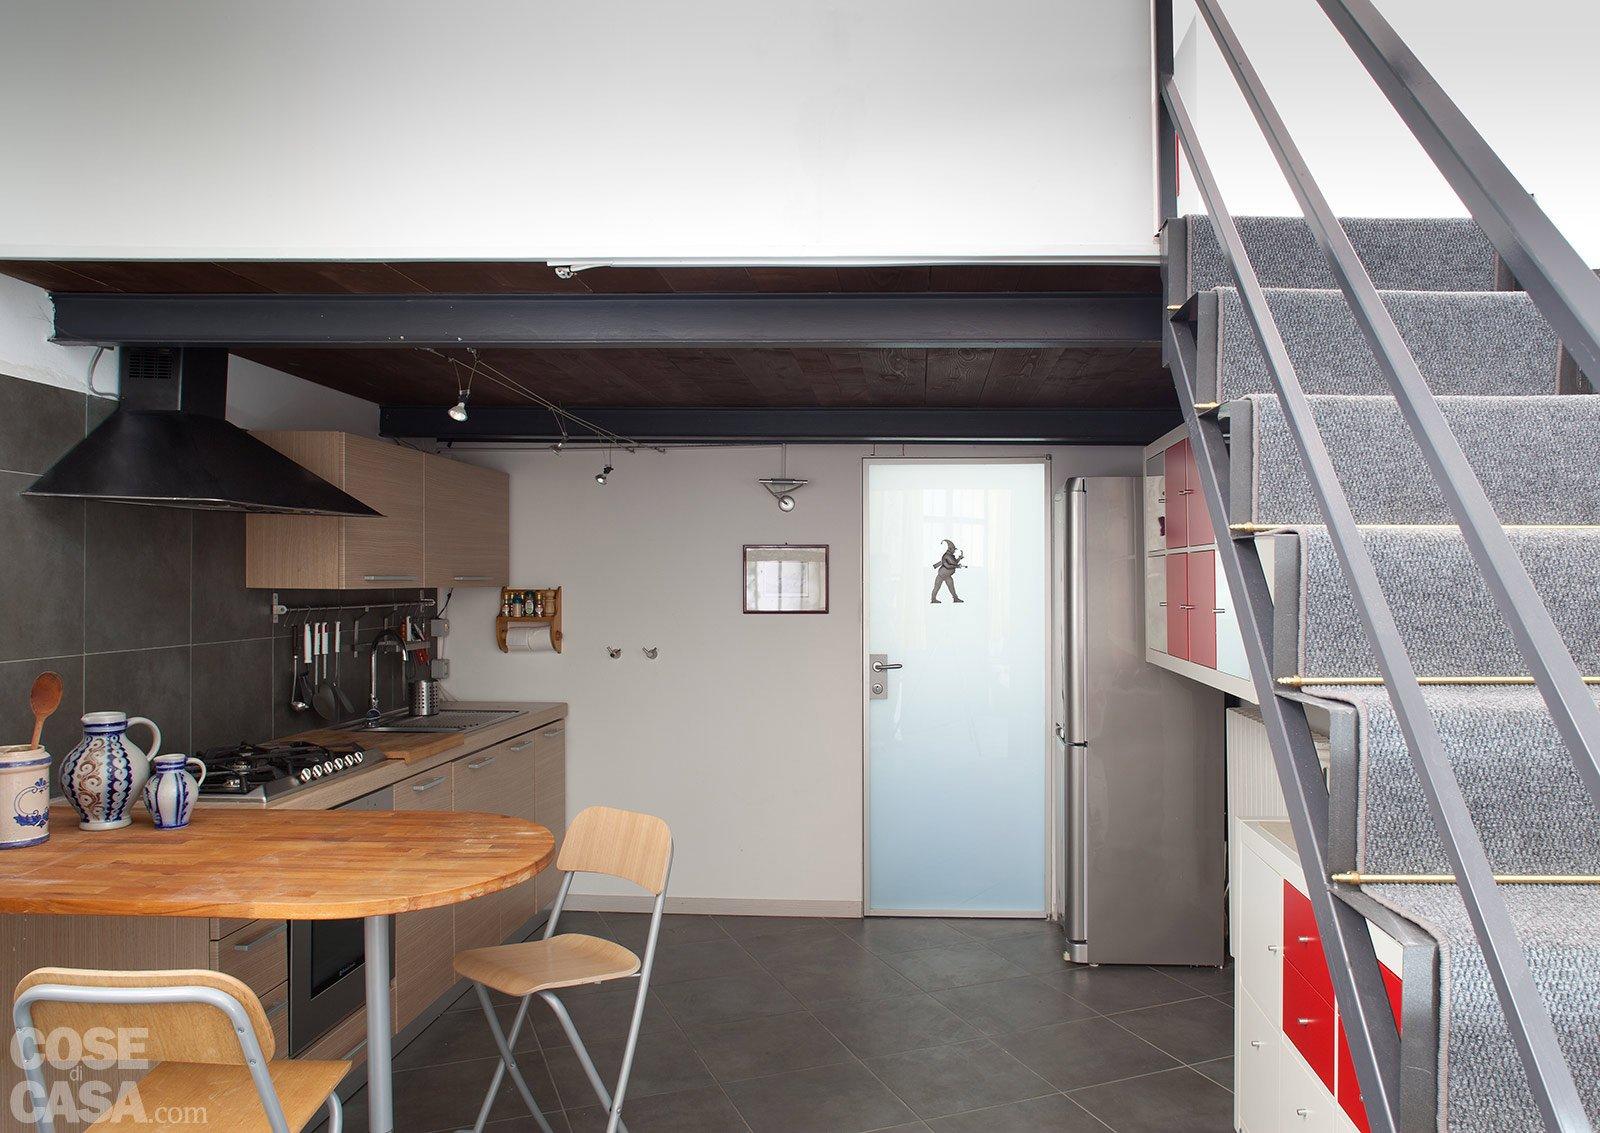 Loft una casa rinnovata con tante idee cose di casa - Chiudere una finestra di casa ...